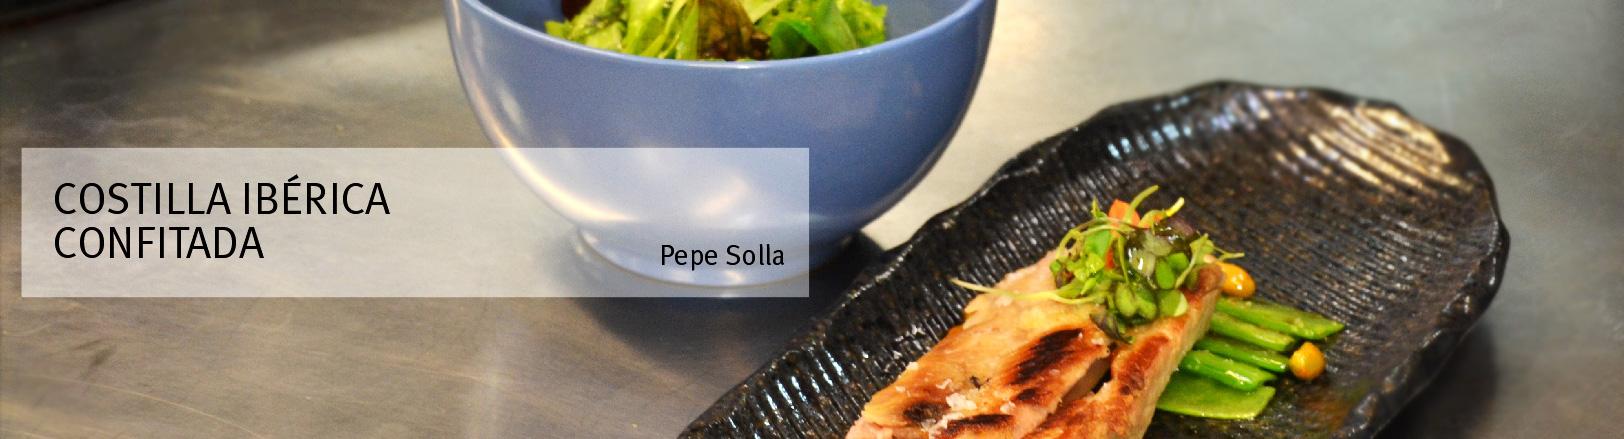 cociña_menu_costilla_w